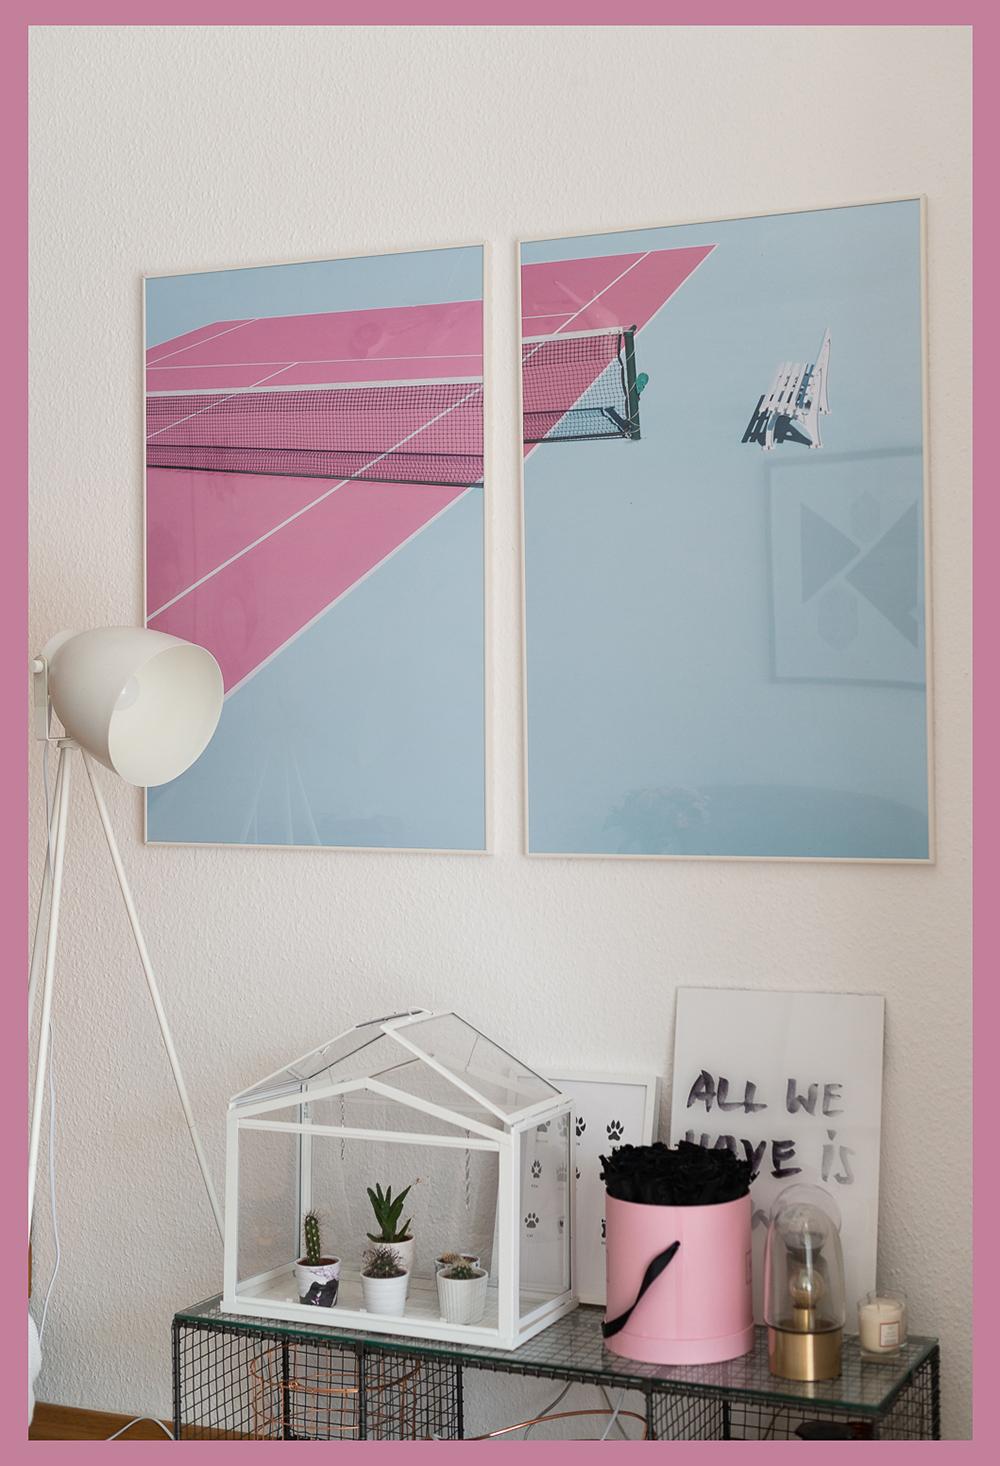 Bilder aufhängen-Bilder anordnen-Einrichtung mit Bildern-Interior Blog-andysparkles